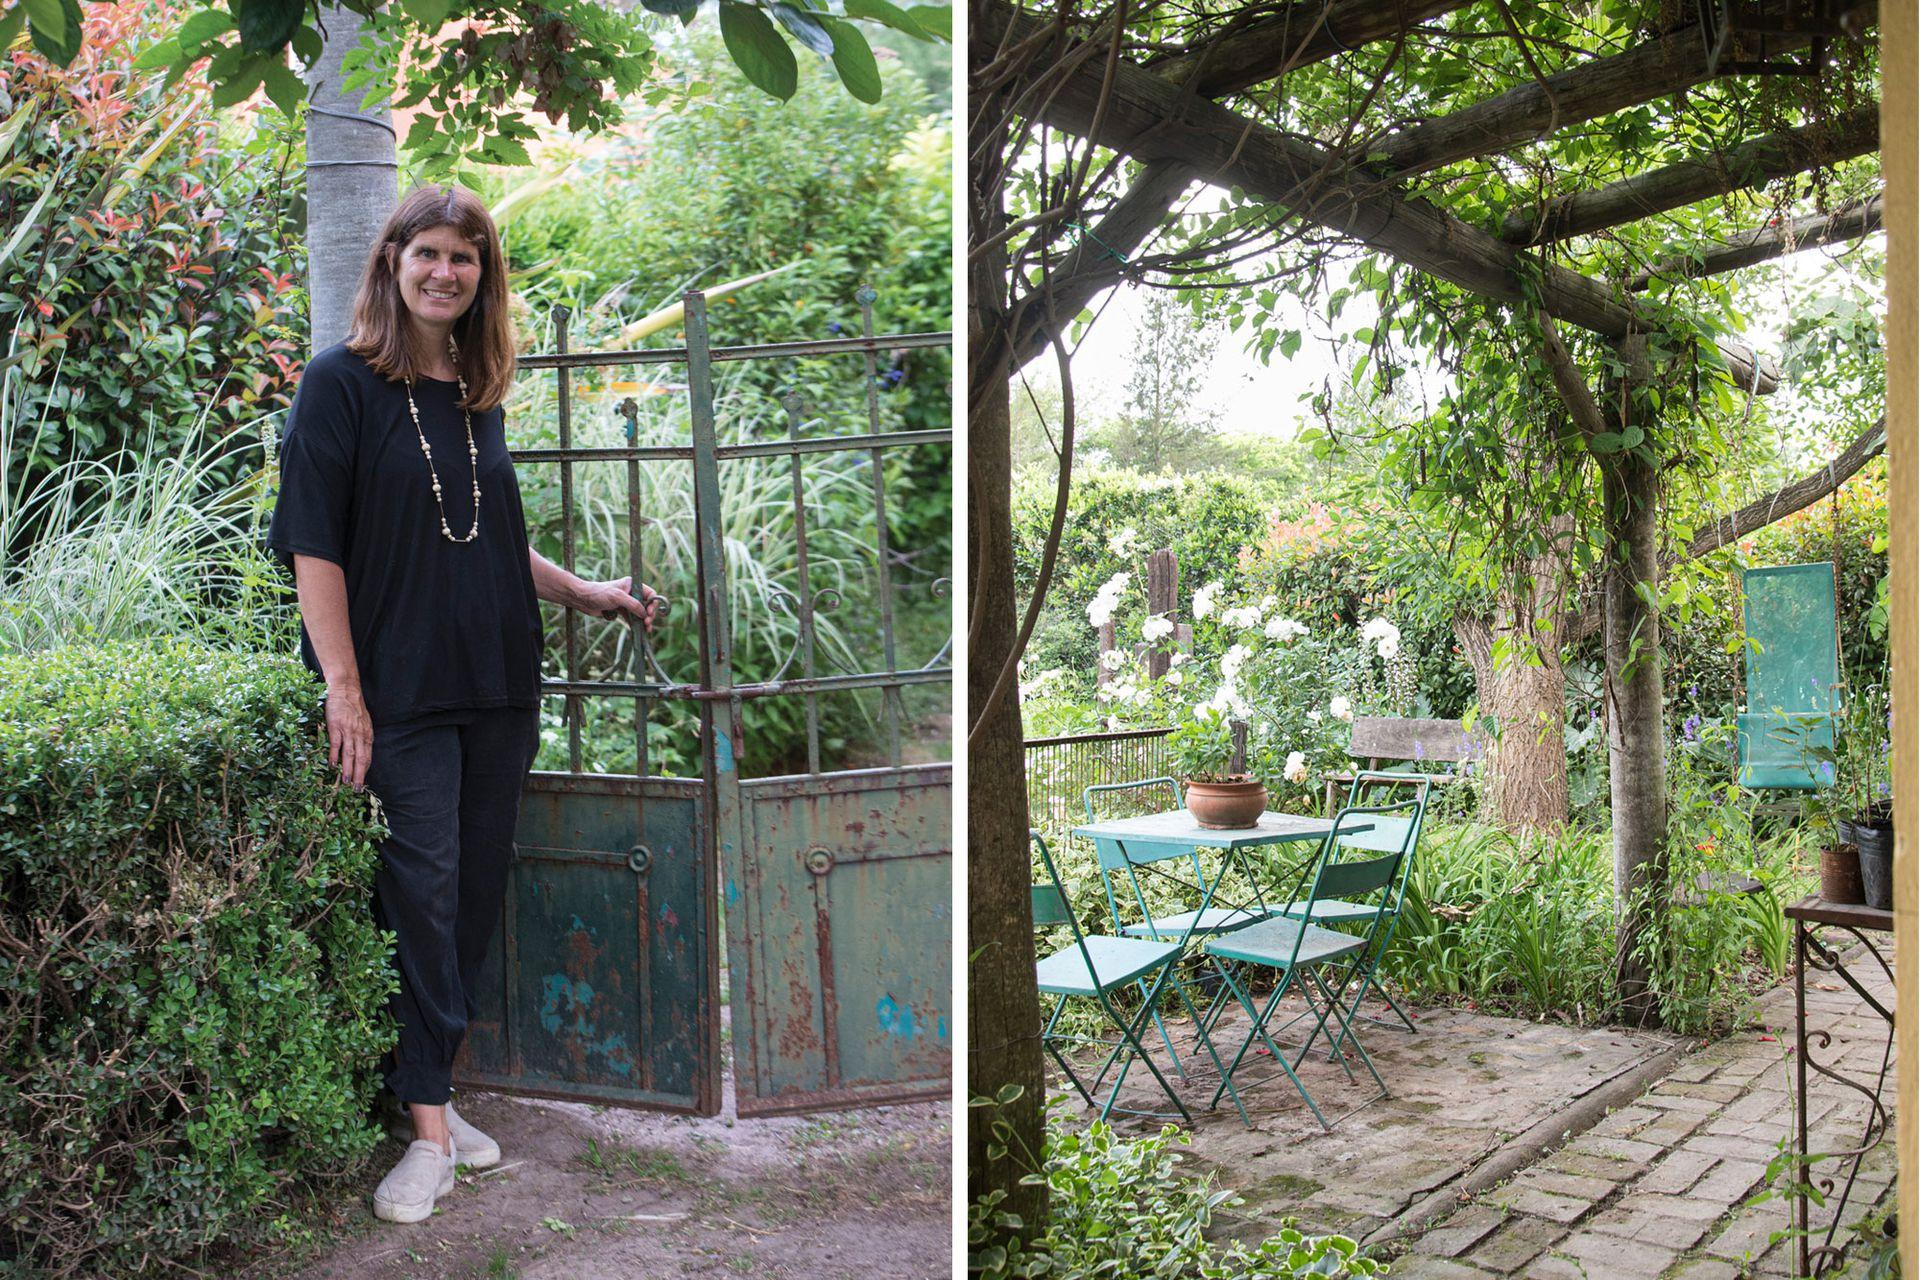 La paisajista Coki Naón vive a su parque como un centro de experimentación. Muchas de sus plantas son gajos o plantines compartidos entre los integrantes de los Grupo Jardín que asesora.